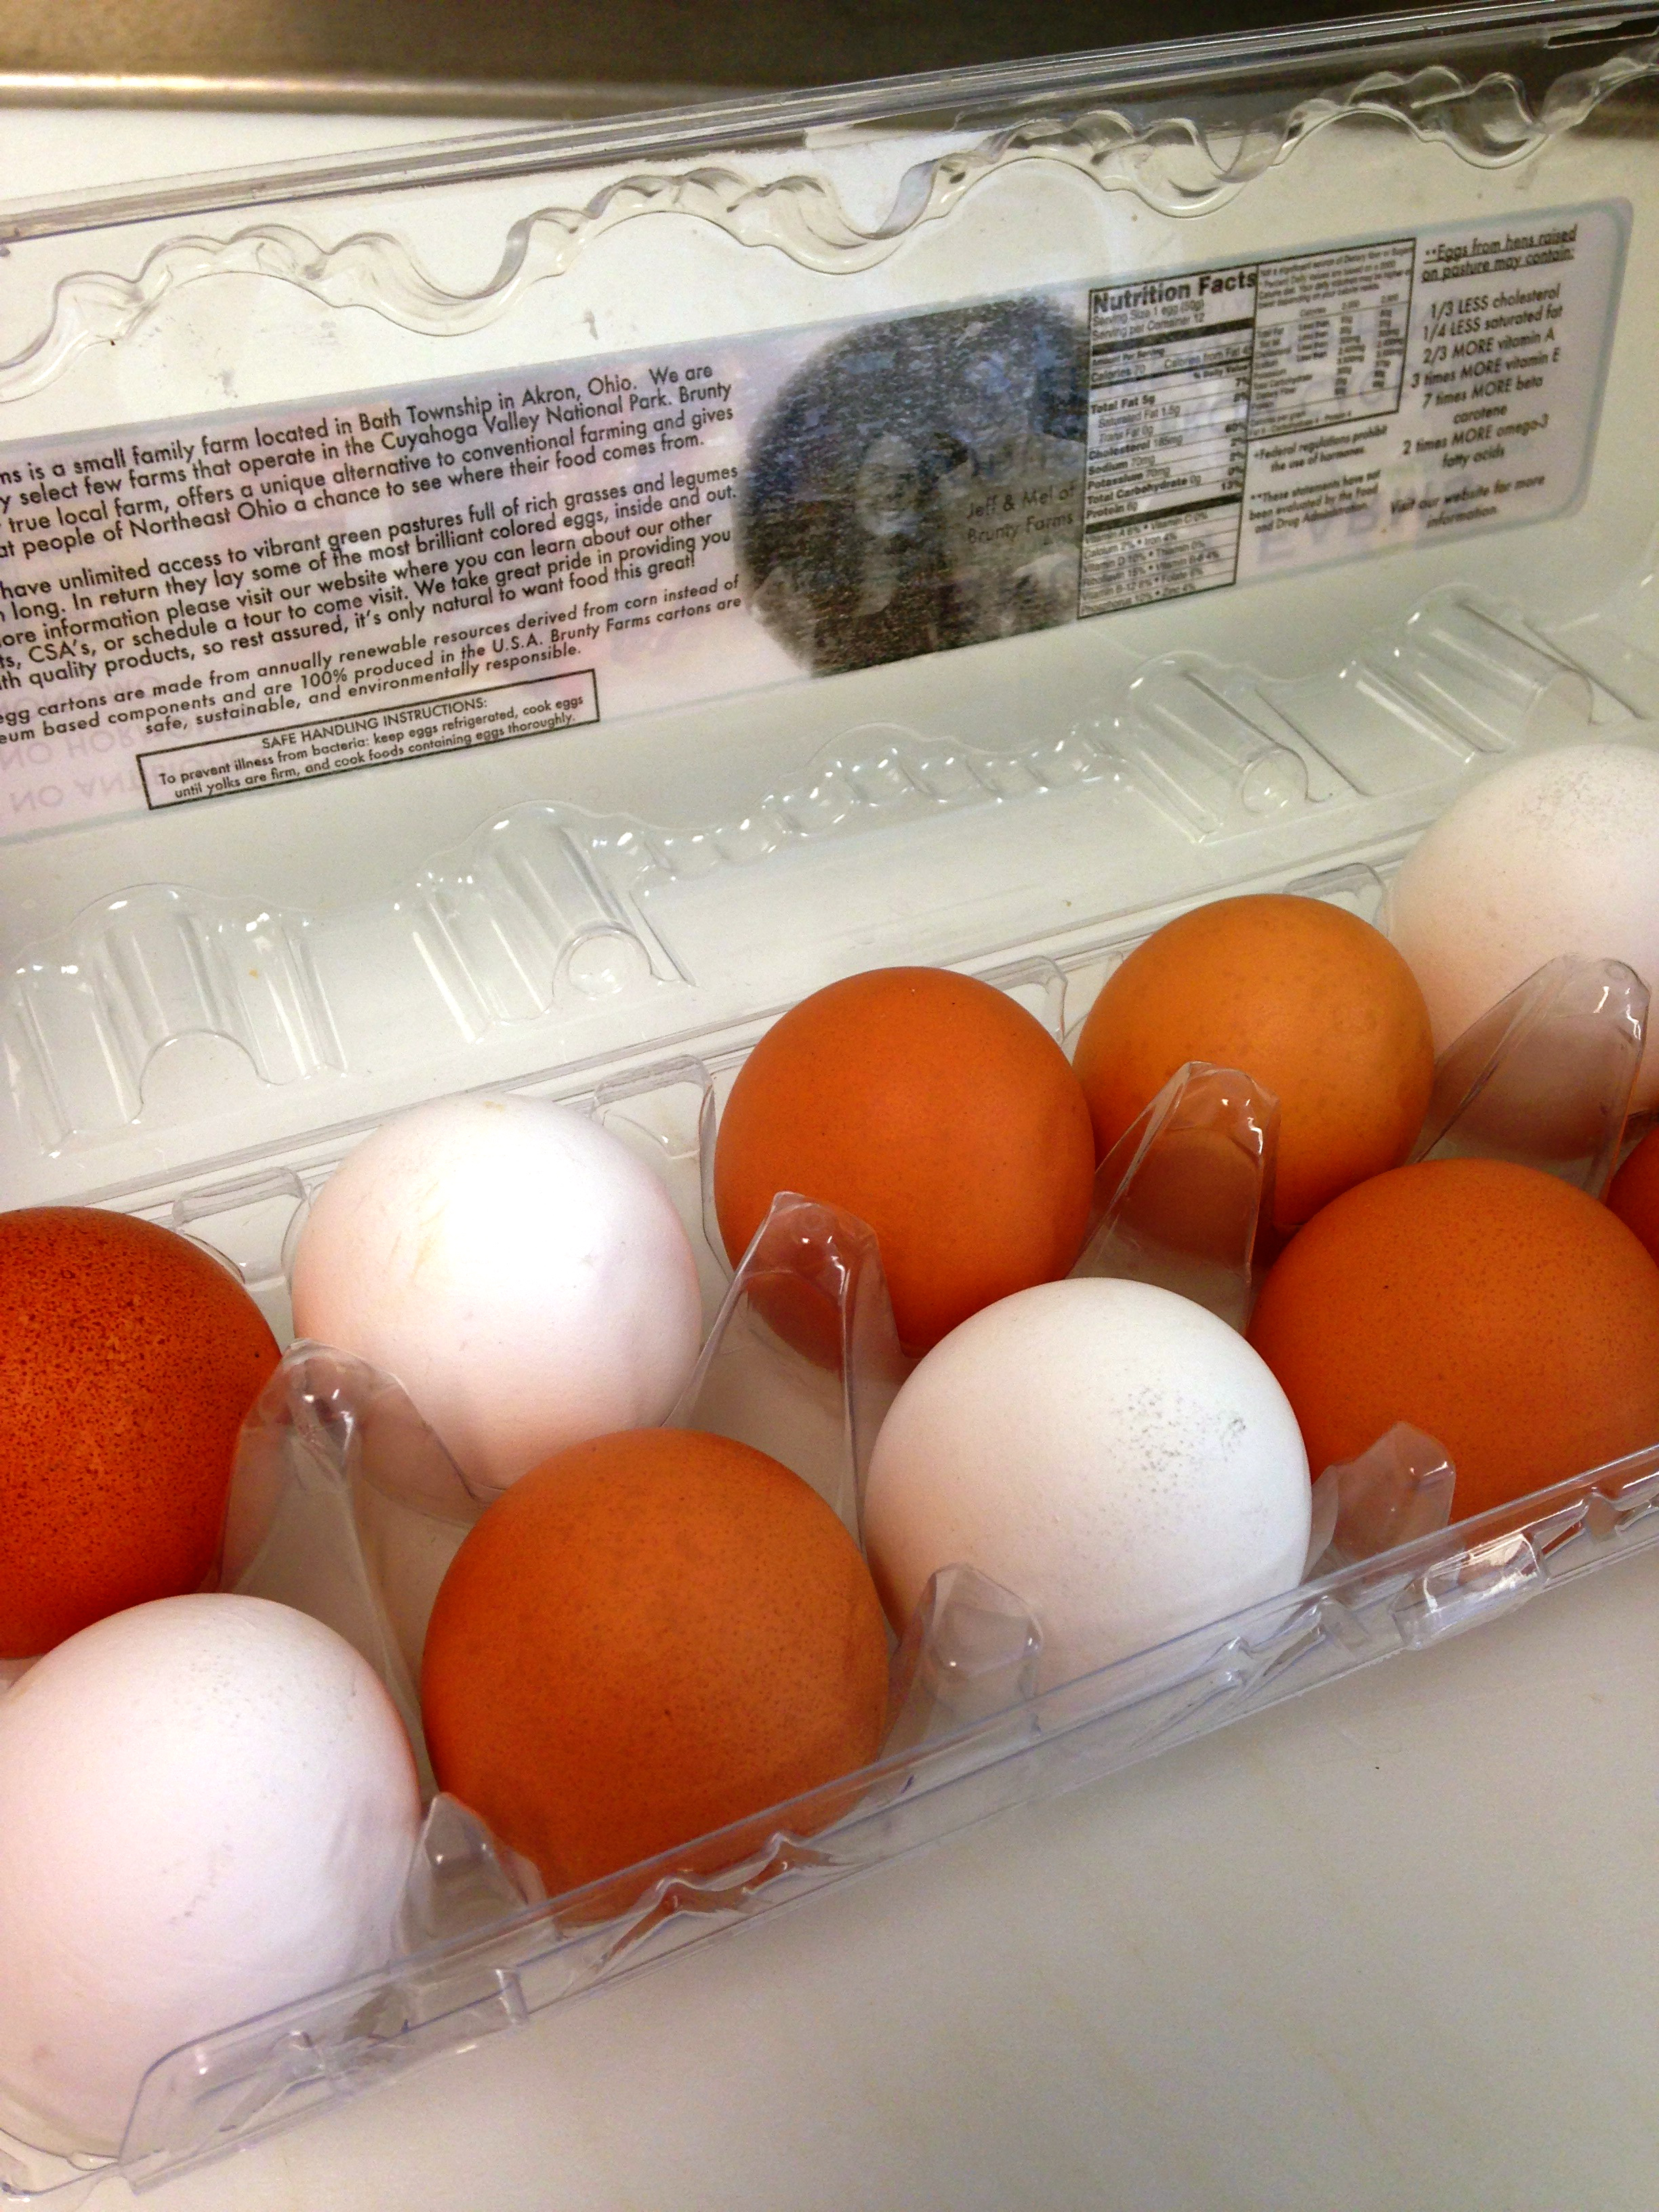 Pasture Raised Eggs in Carton